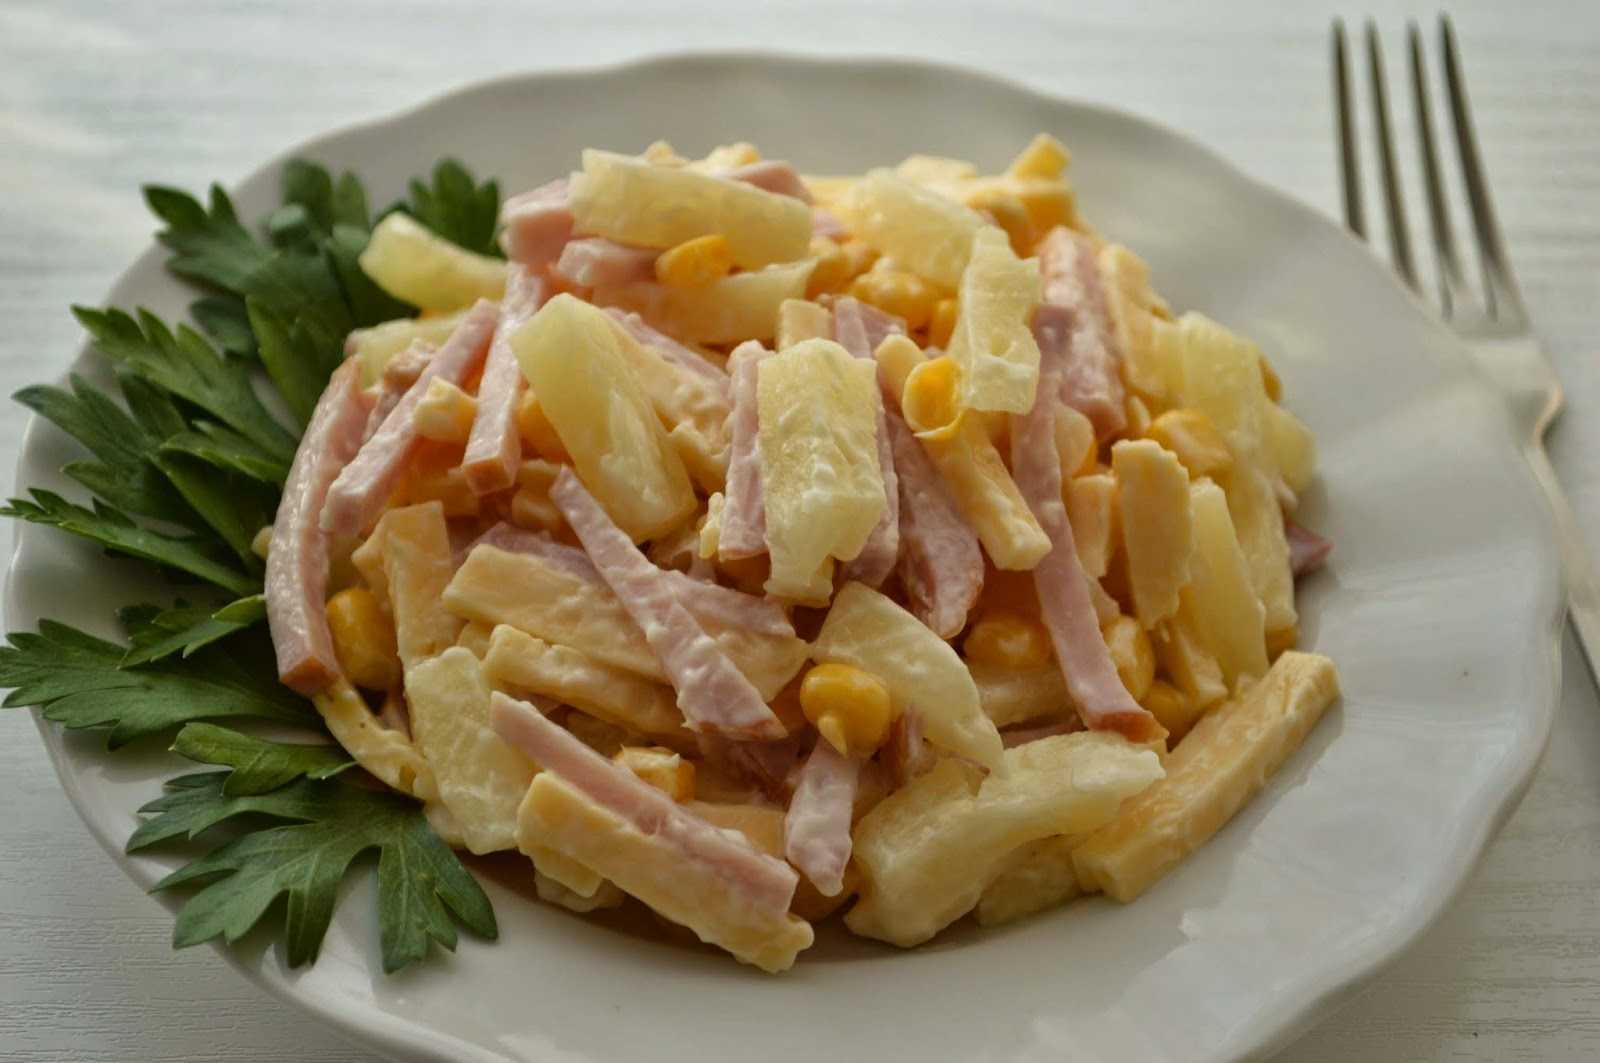 Салат с грибами сыром и ветчиной рецепт с фото пошагово - 1000.menu